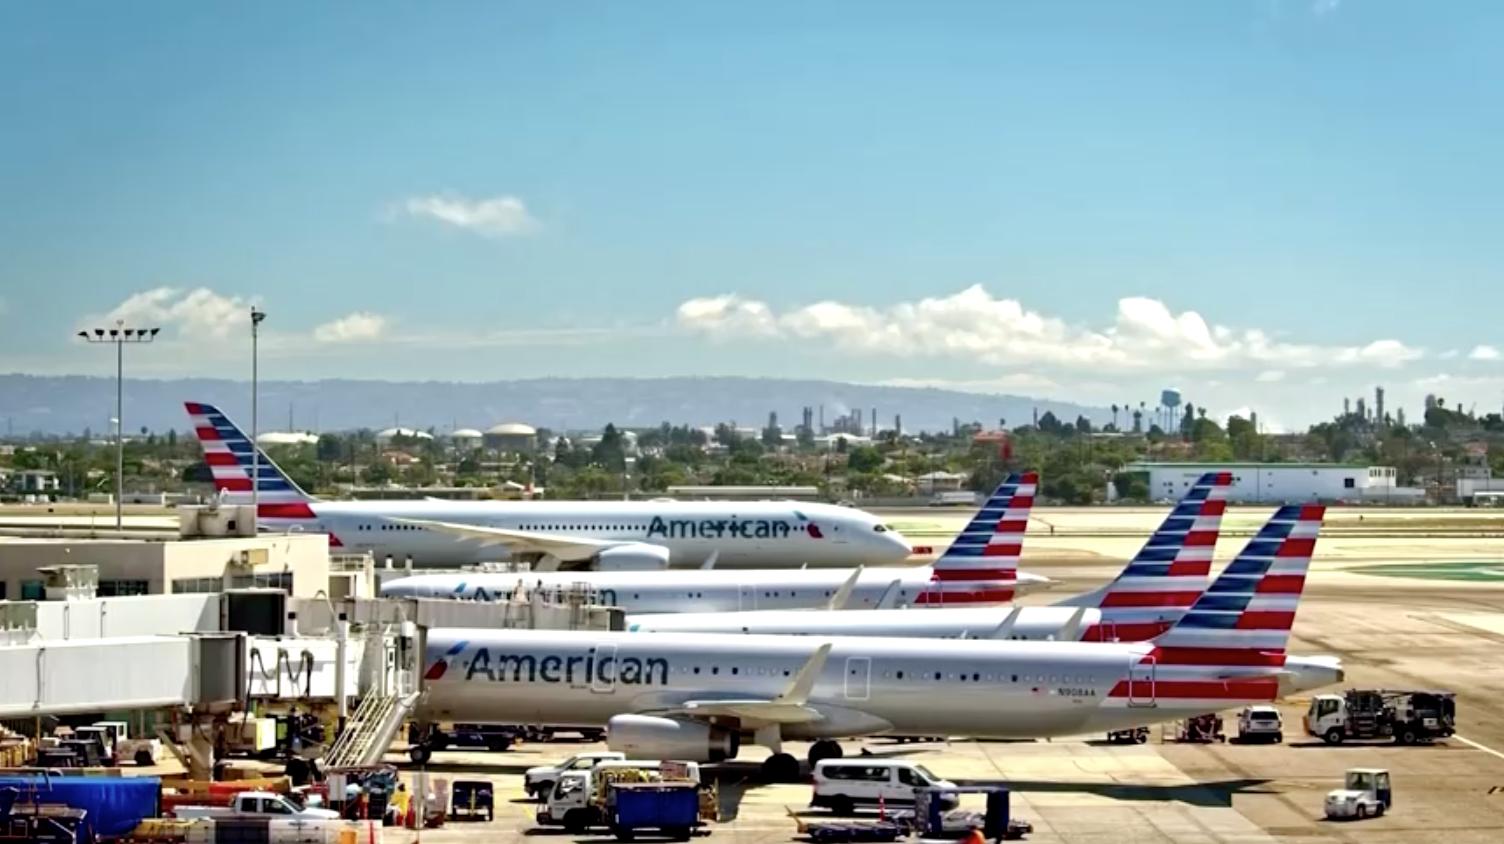 American Airlines xem xét đưa boeing 737 MAX cất cánh trở lại